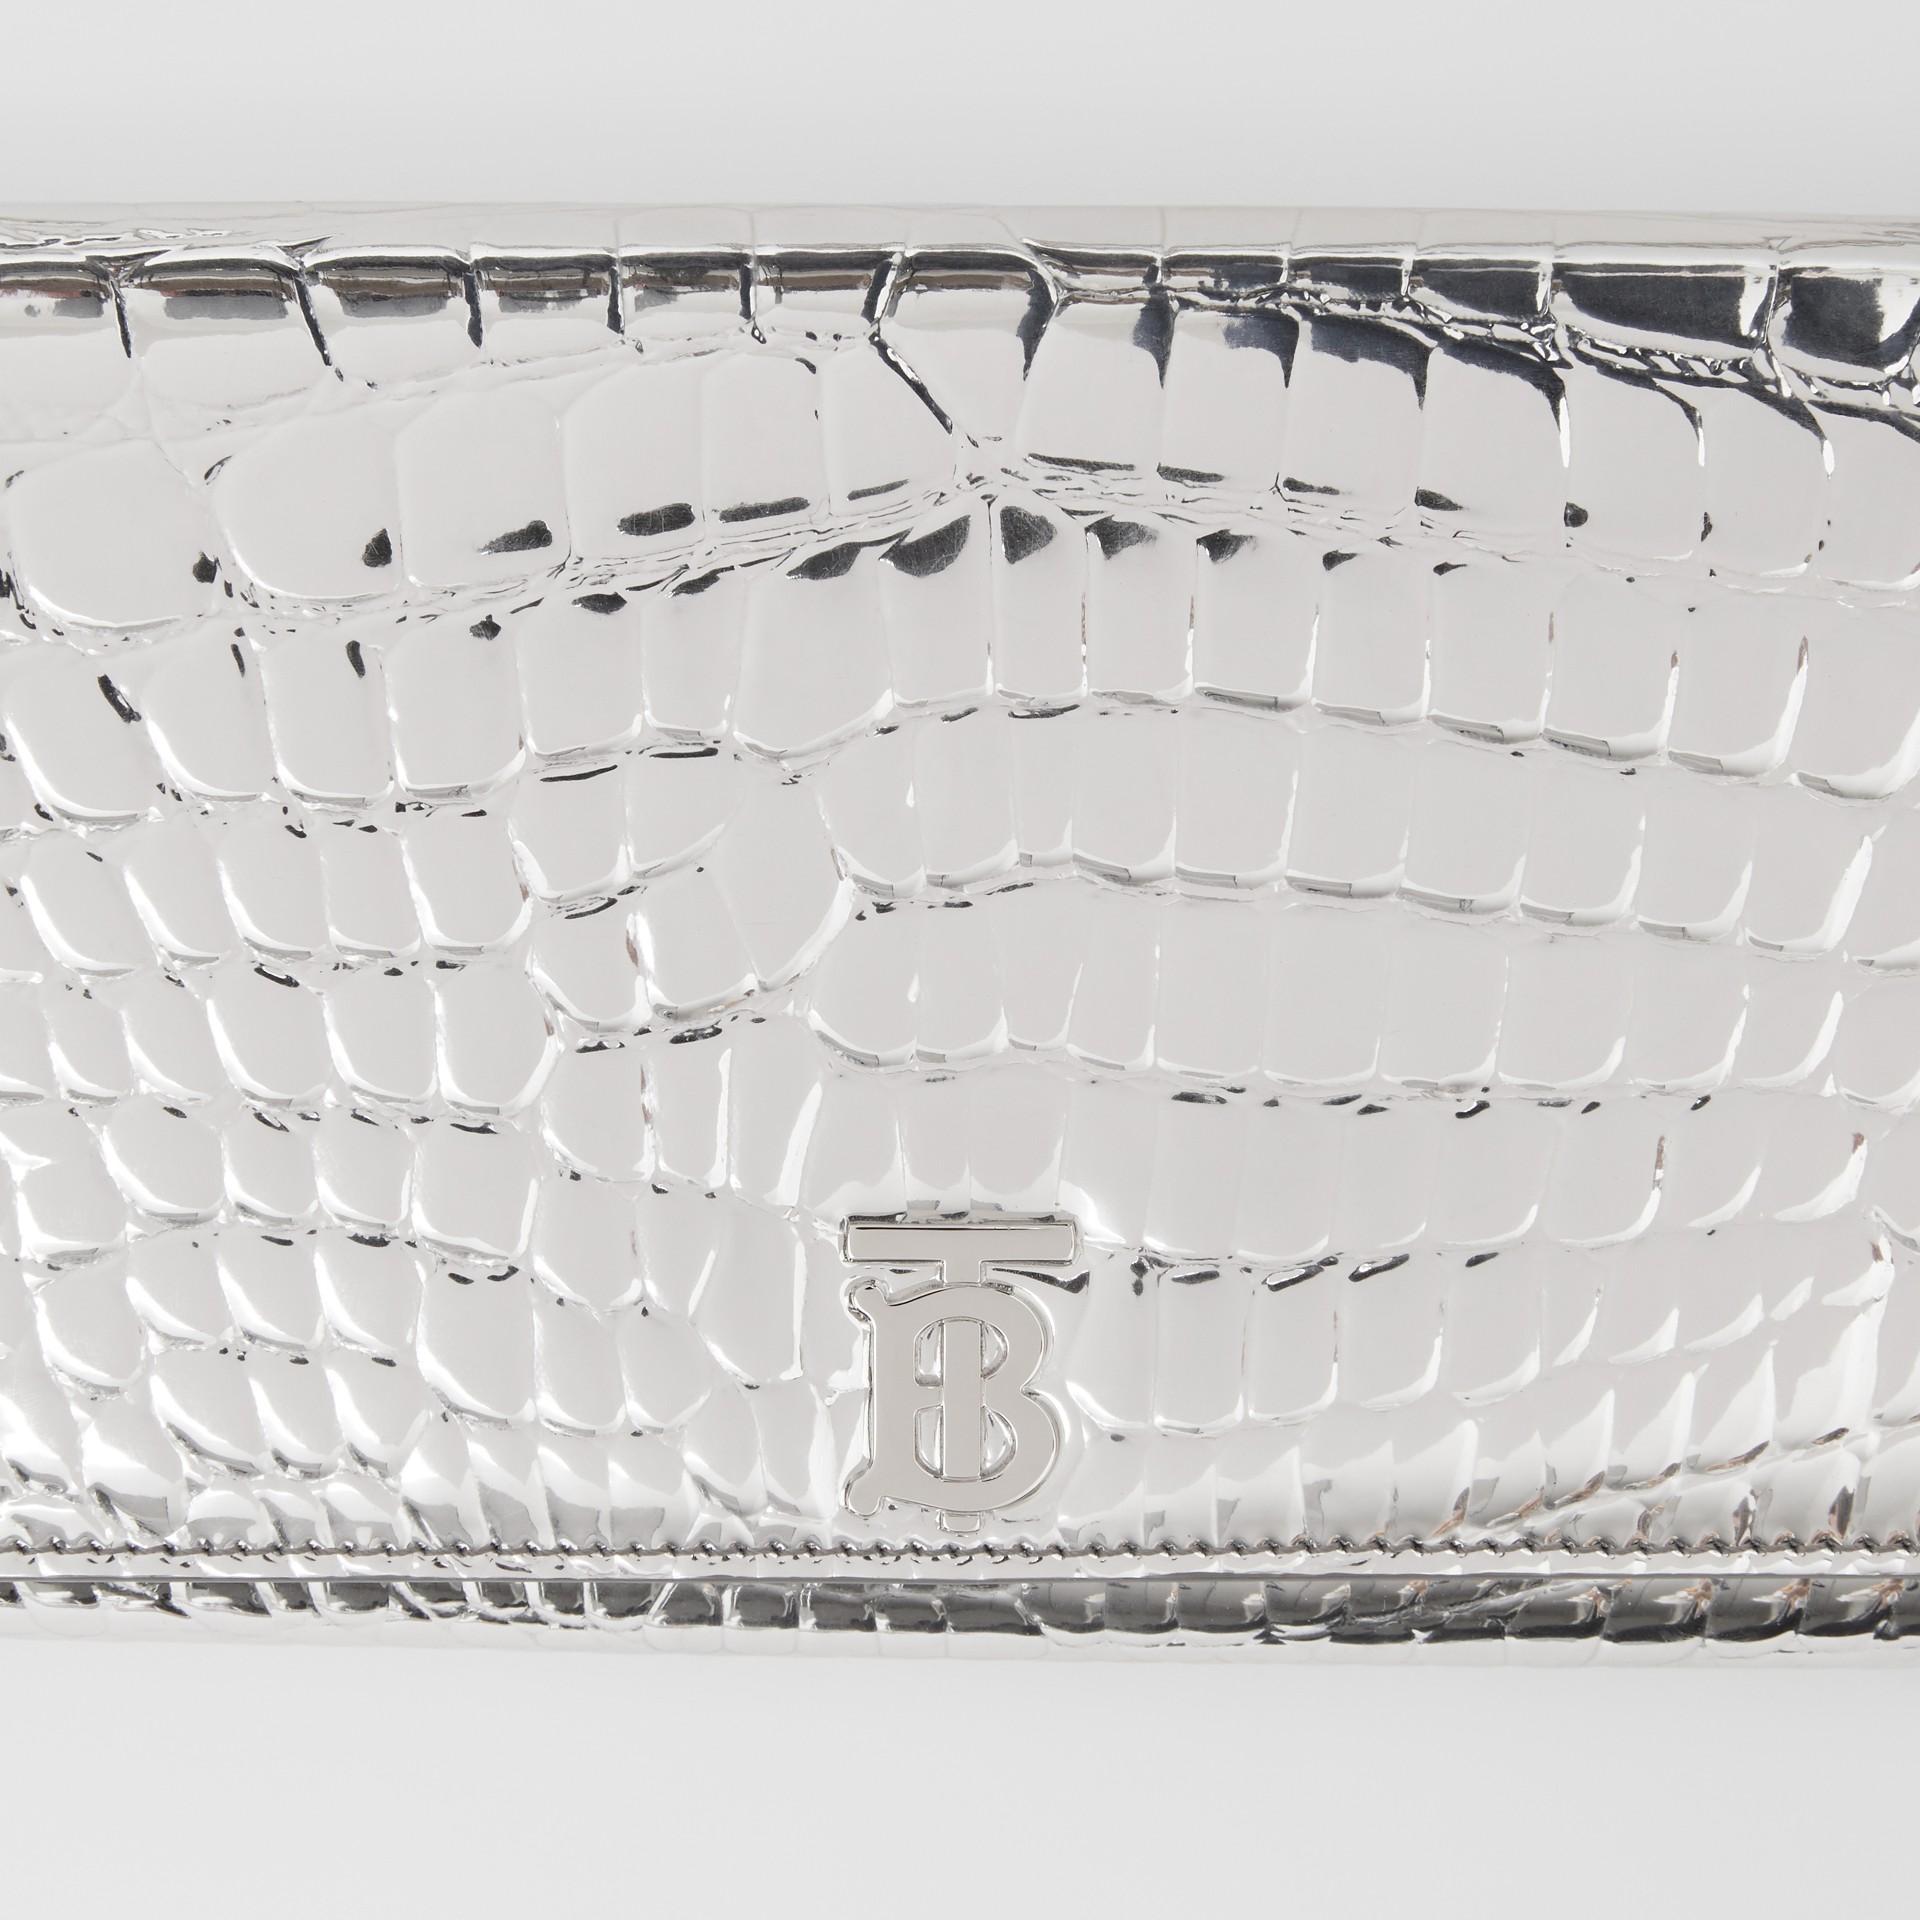 Portefeuille embossé métallisé avec sangle amovible (Argent) - Femme | Burberry - photo de la galerie 1